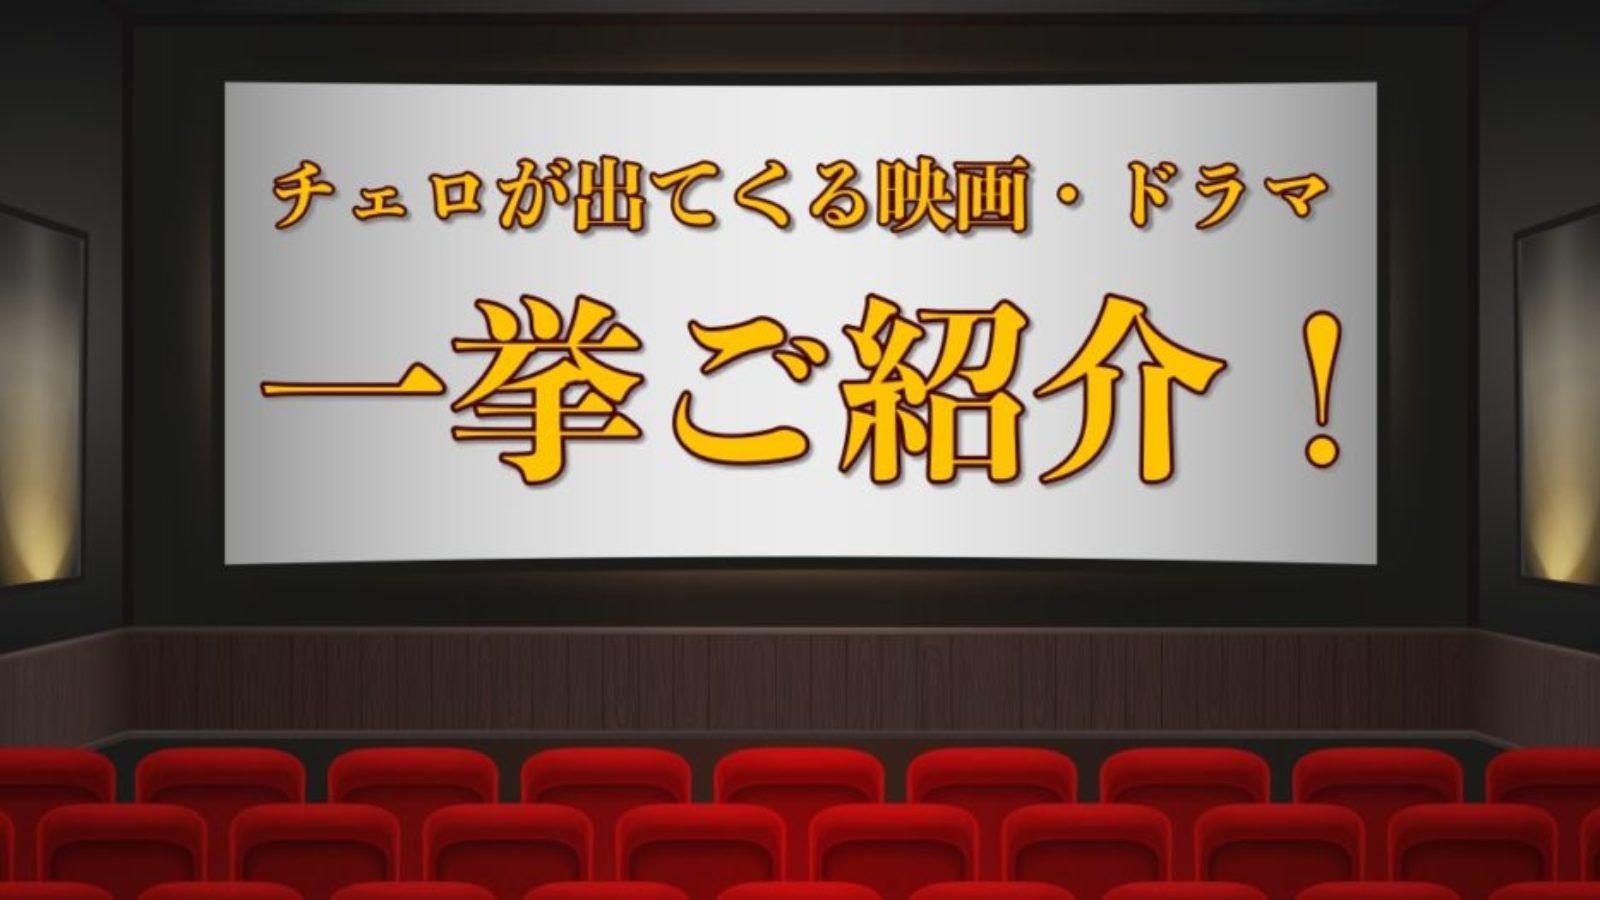 【チェロが出てくる映画やドラマ】一挙ご紹介!※あの世界的チェロ奏者も登場します